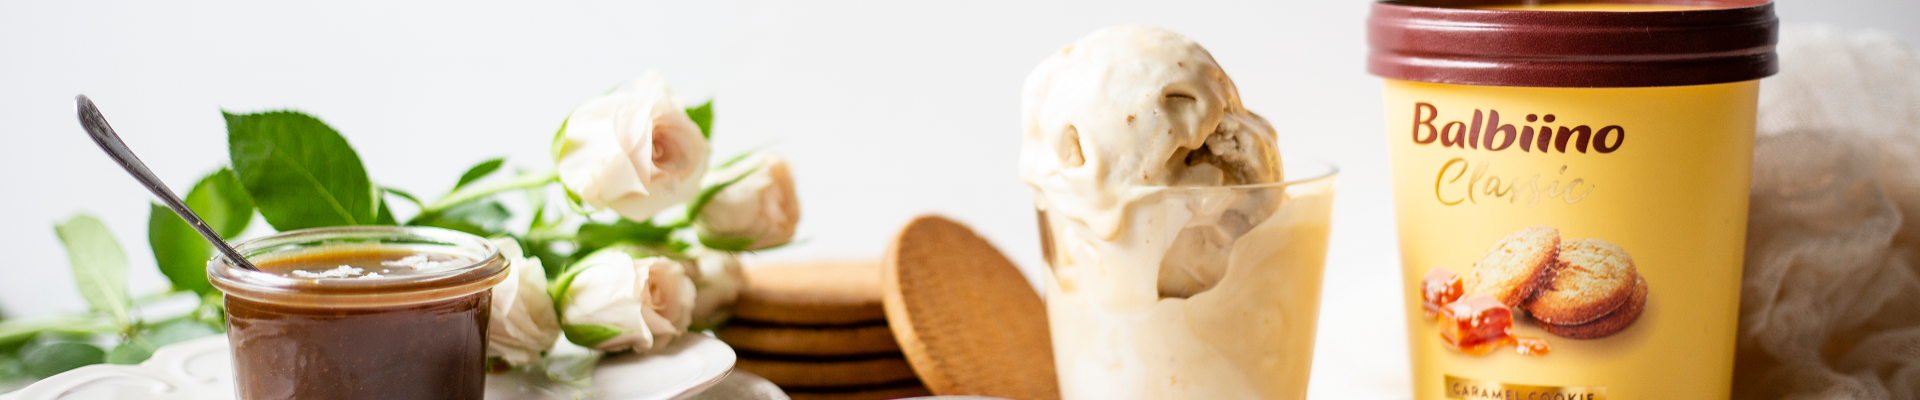 Balbiinol on jäätiste valmistamise retsept käpas nagu vanameister Evald Roomal, kes omal ajal üks jäätis korraga laulupidulisi jaheda maiusega rõõmustas.